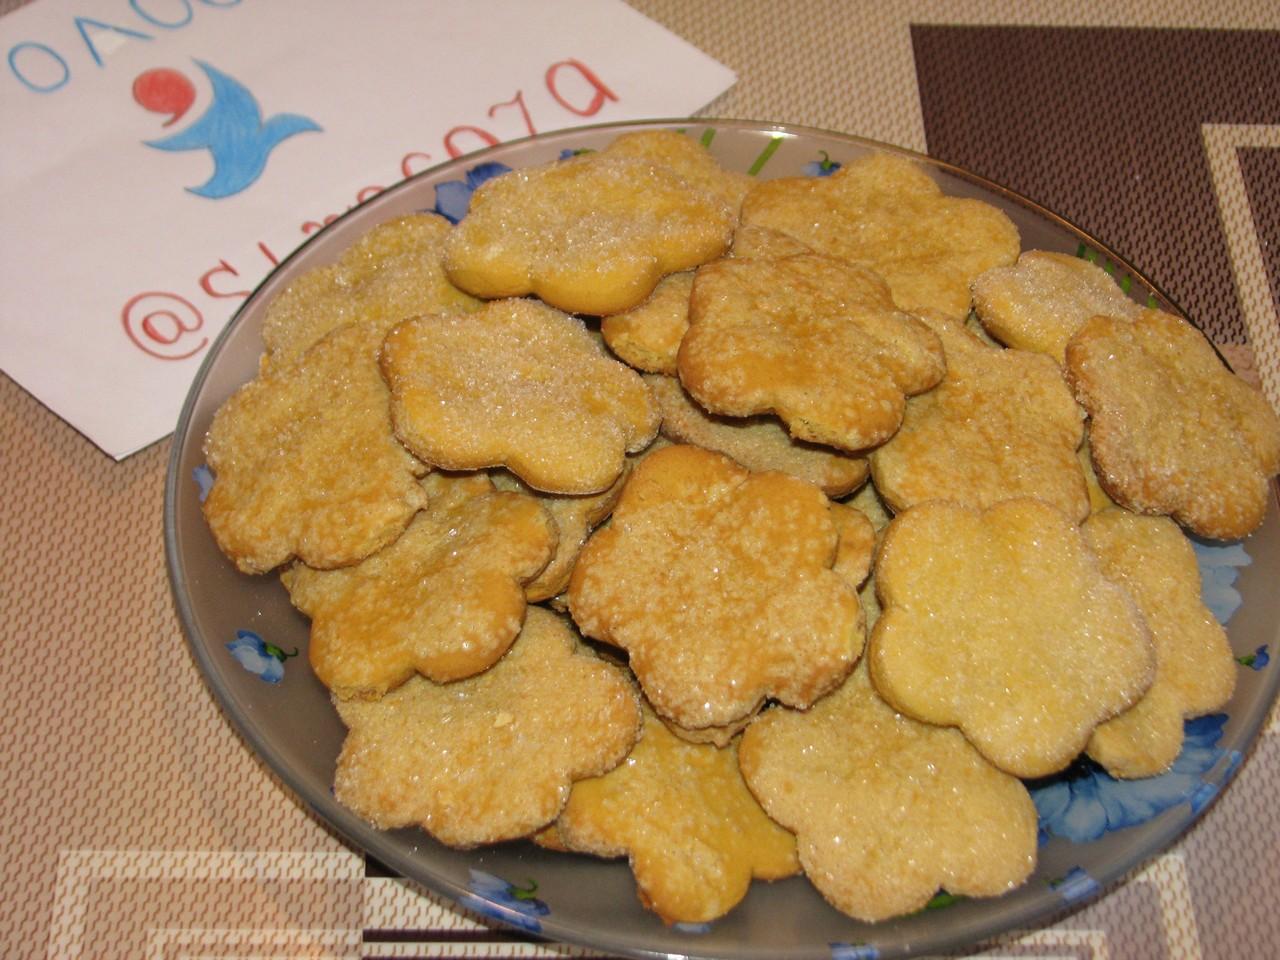 непрерывной печати печенье с фото из кукурузной крупы безопасных качественных